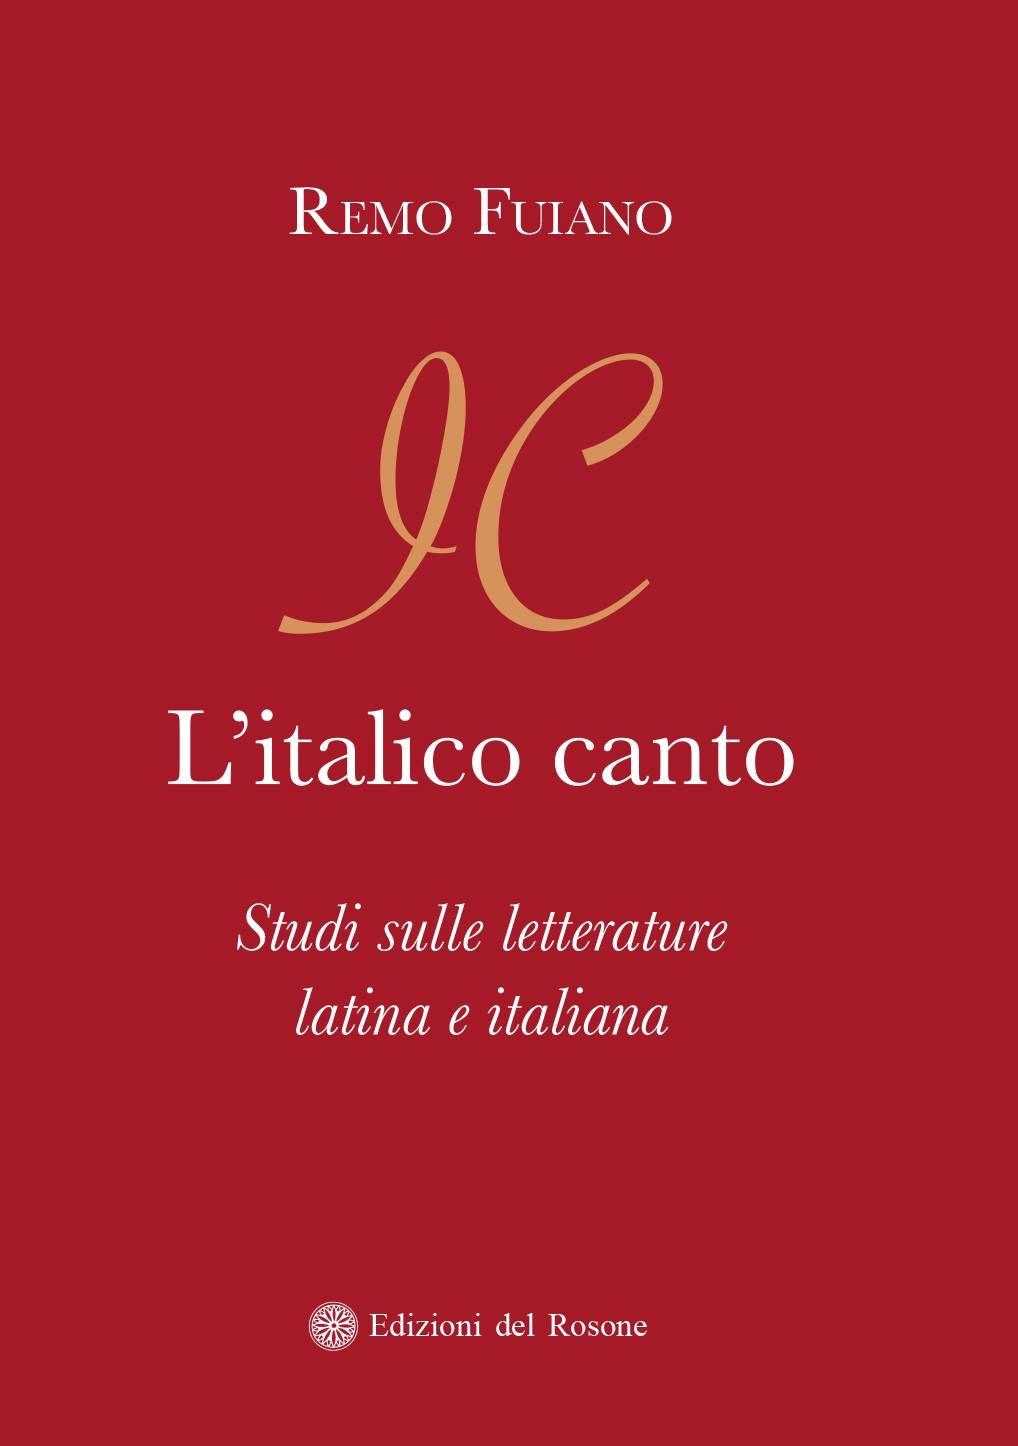 """Presentazione de """"L'ITALICO CANTO"""", in ricordo del Prof. Remo Fuiano a cento anni dalla nascita."""